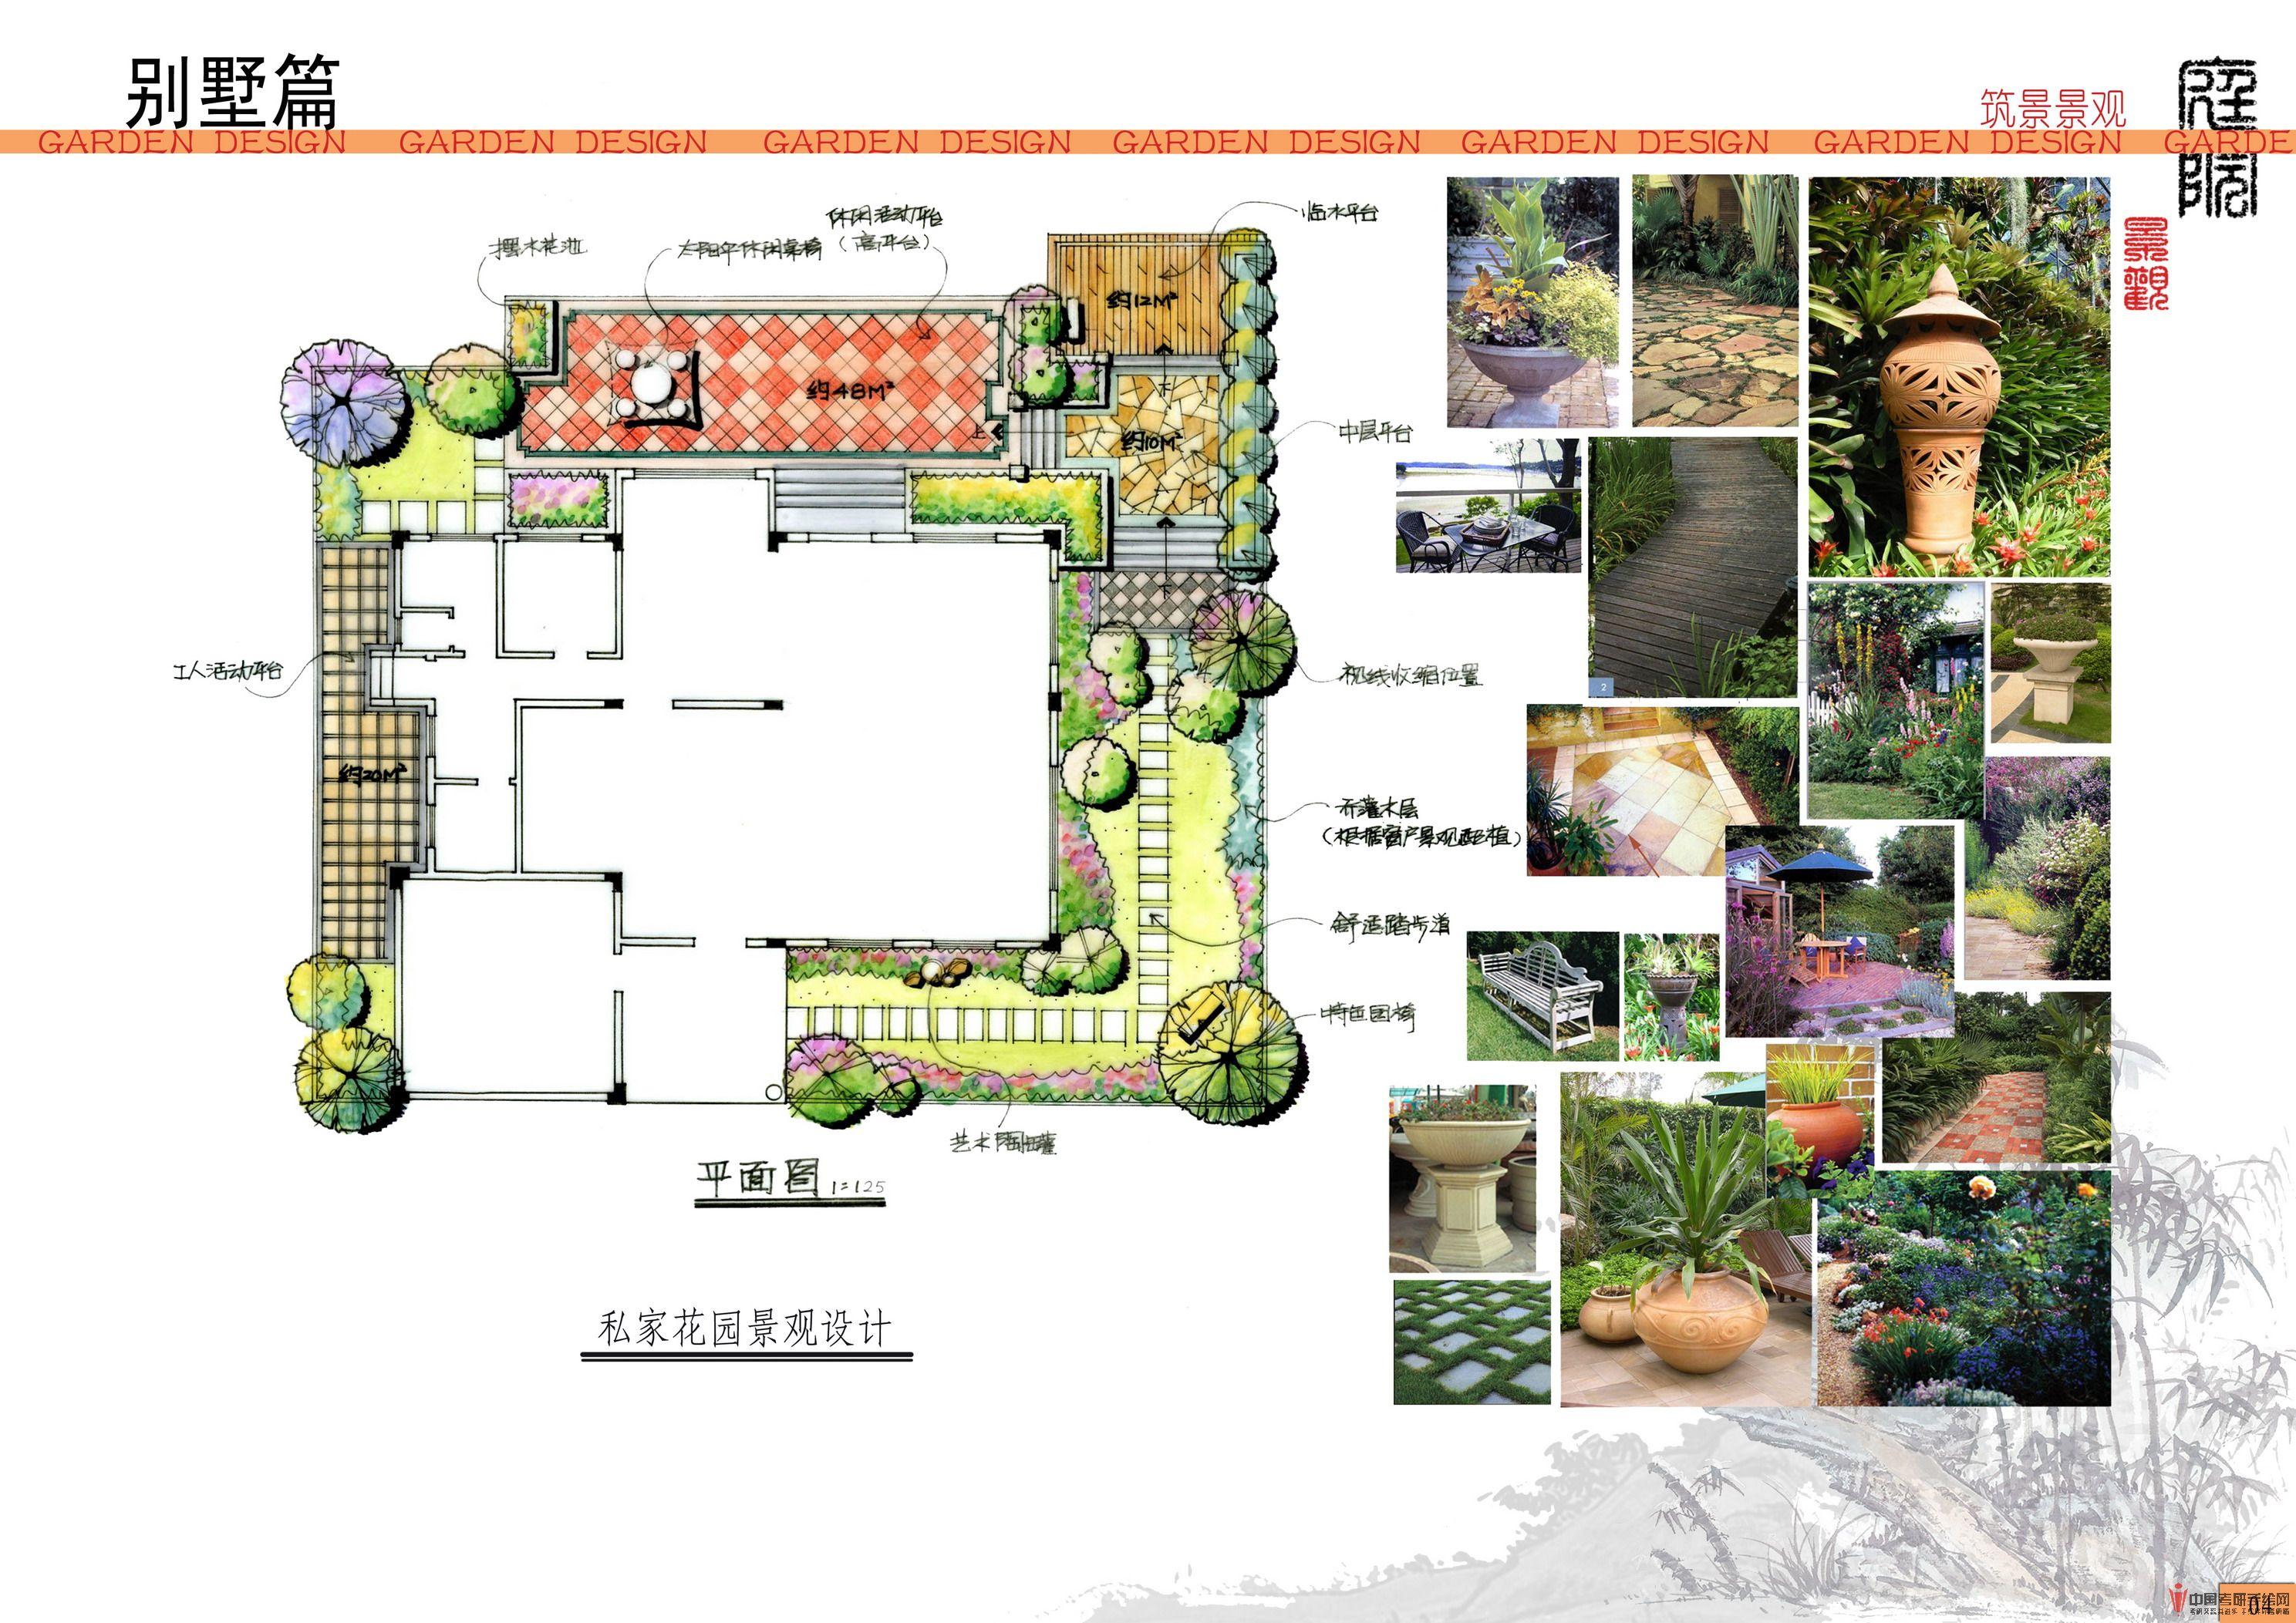 私家别墅庭院景观设计考研手绘快题 - 学习手绘zgkysh